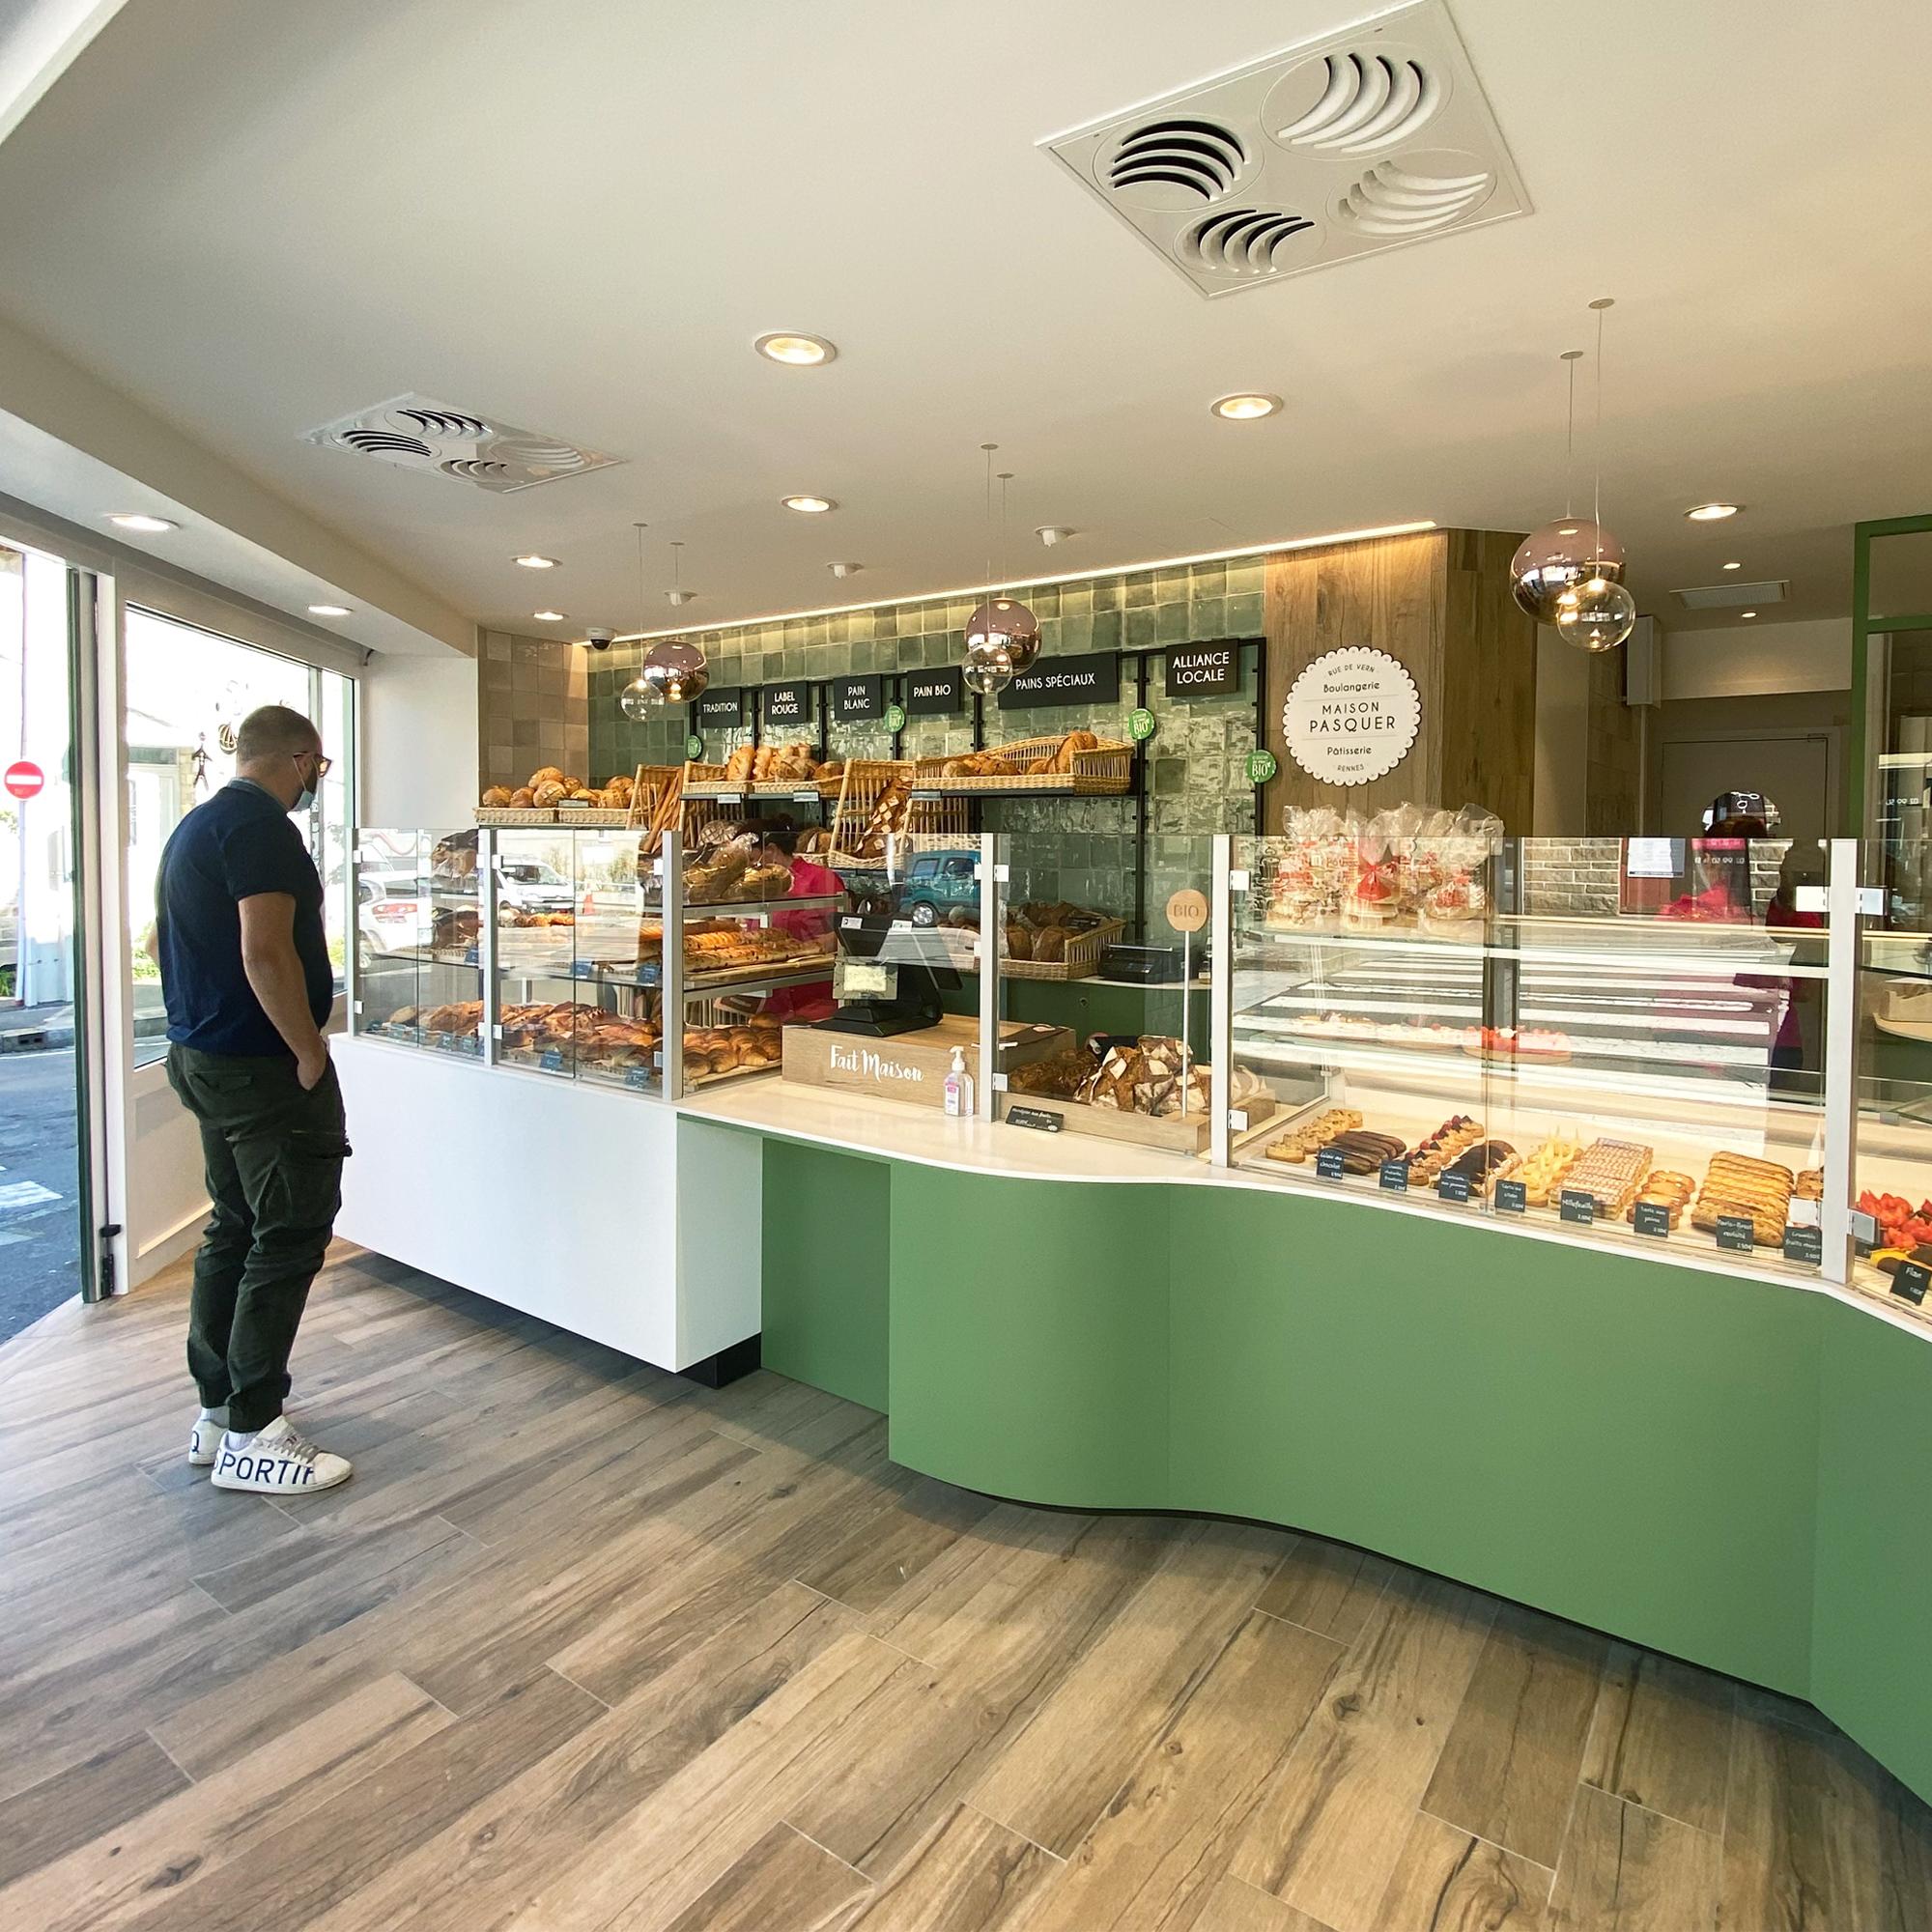 Design projet intérieur détails rénovation boulangerie rennes architecture